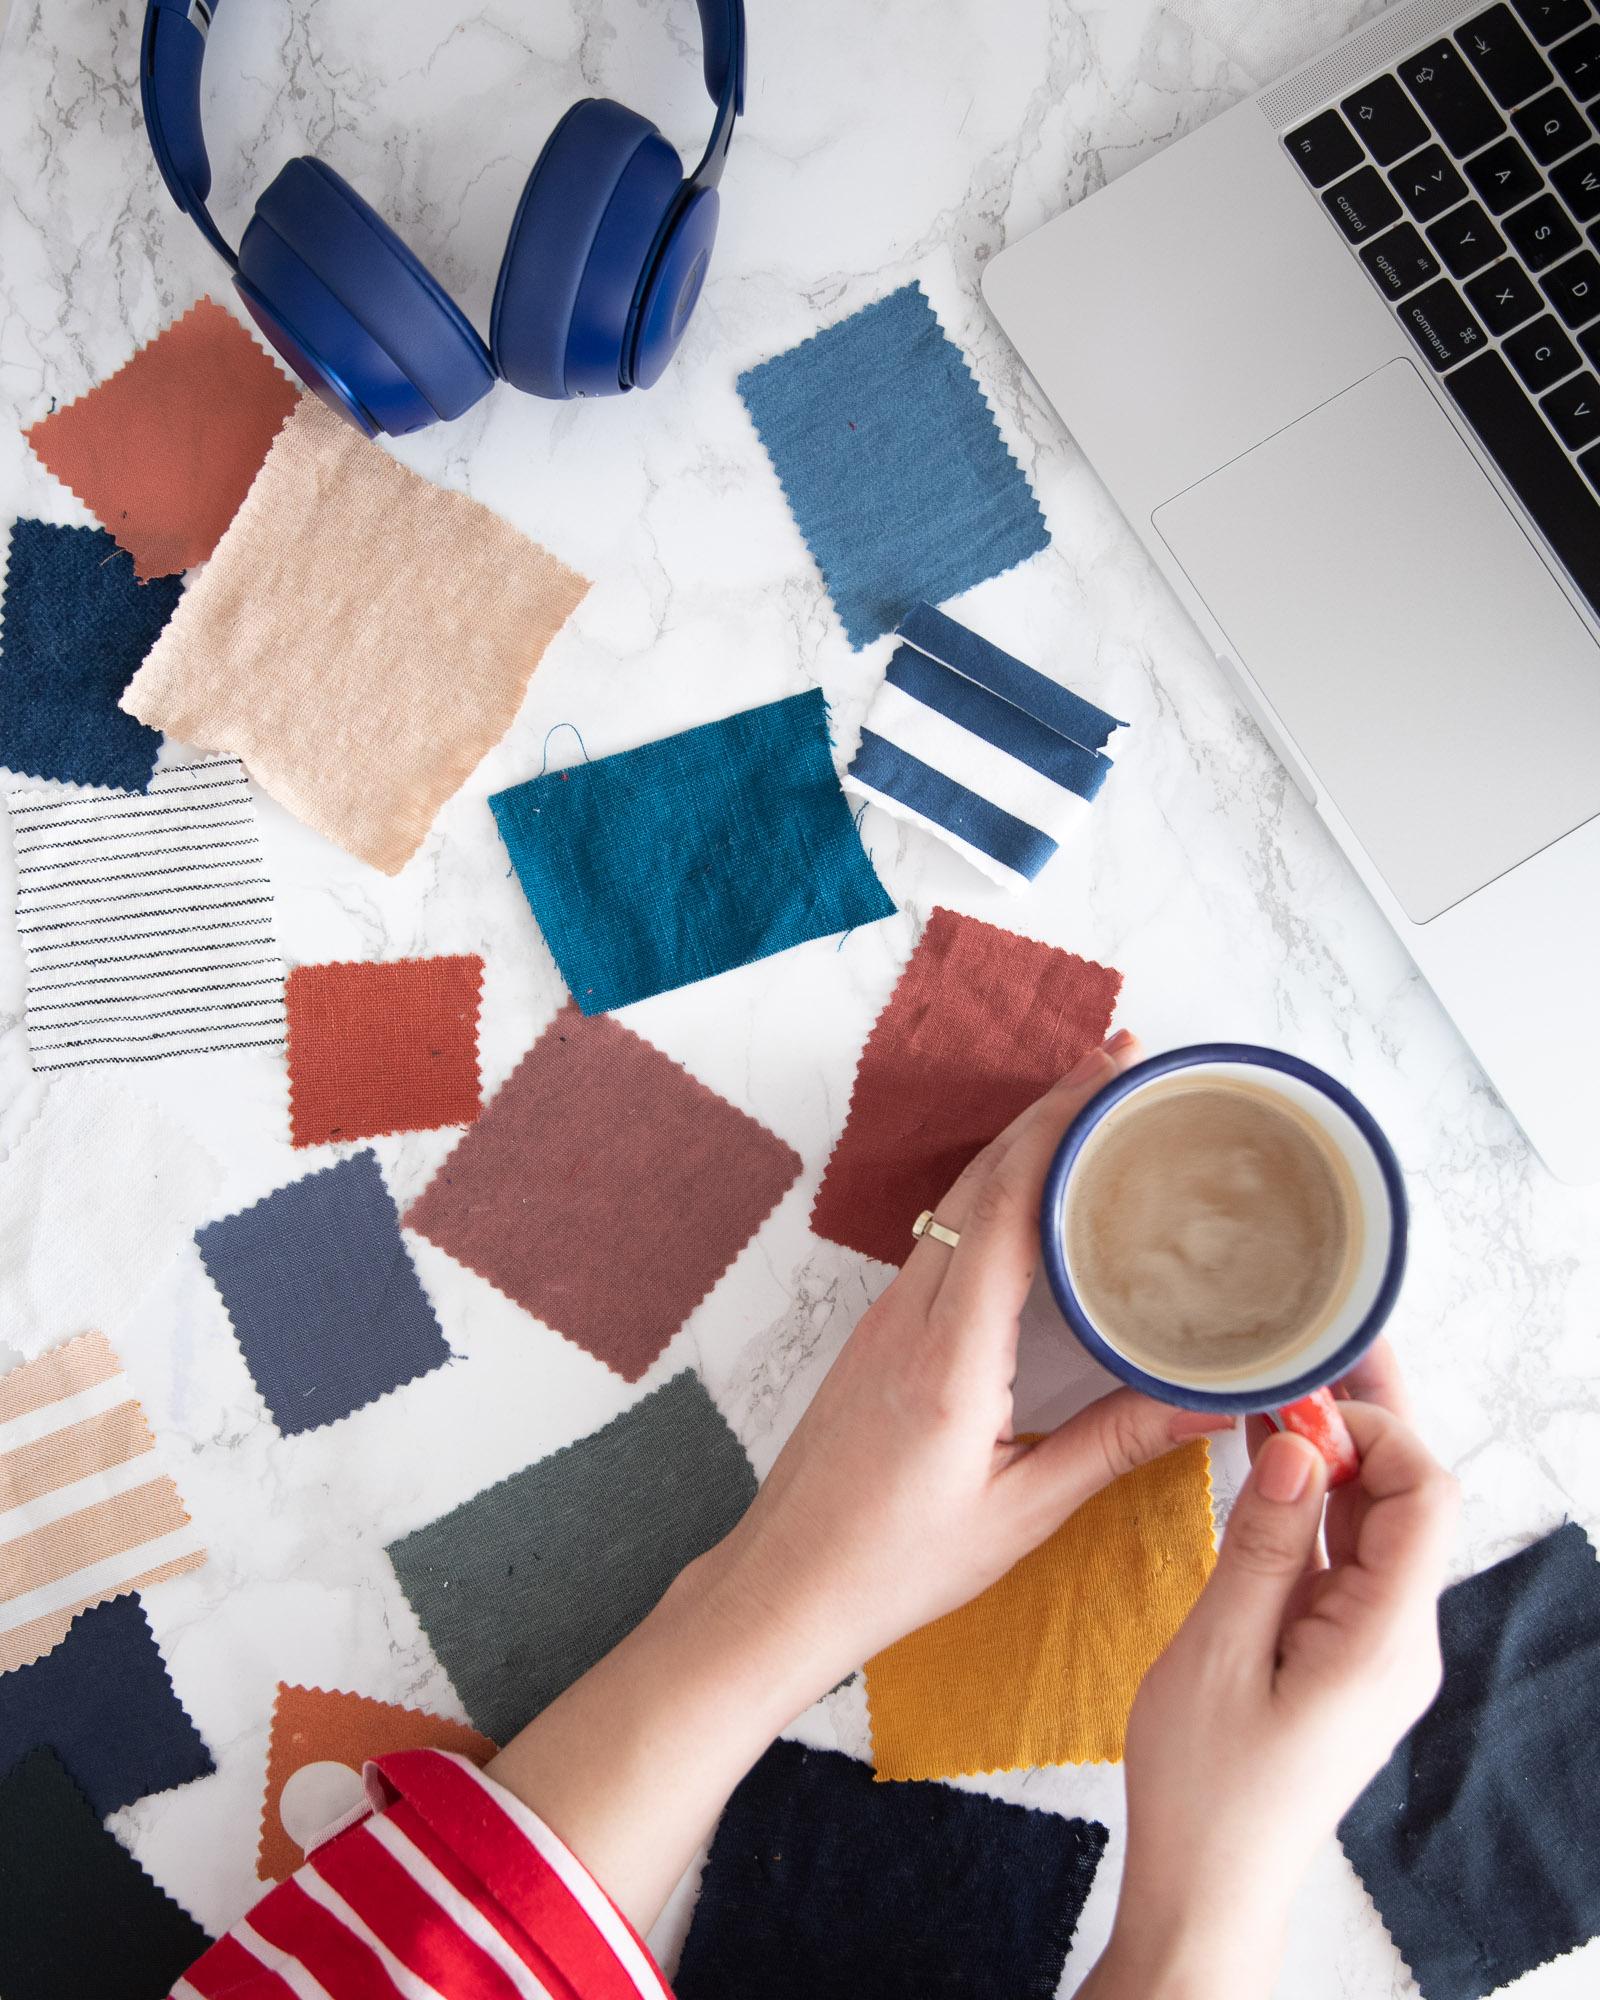 Stoffe online kaufen: Tipps und Tricks - Tweed & Greet